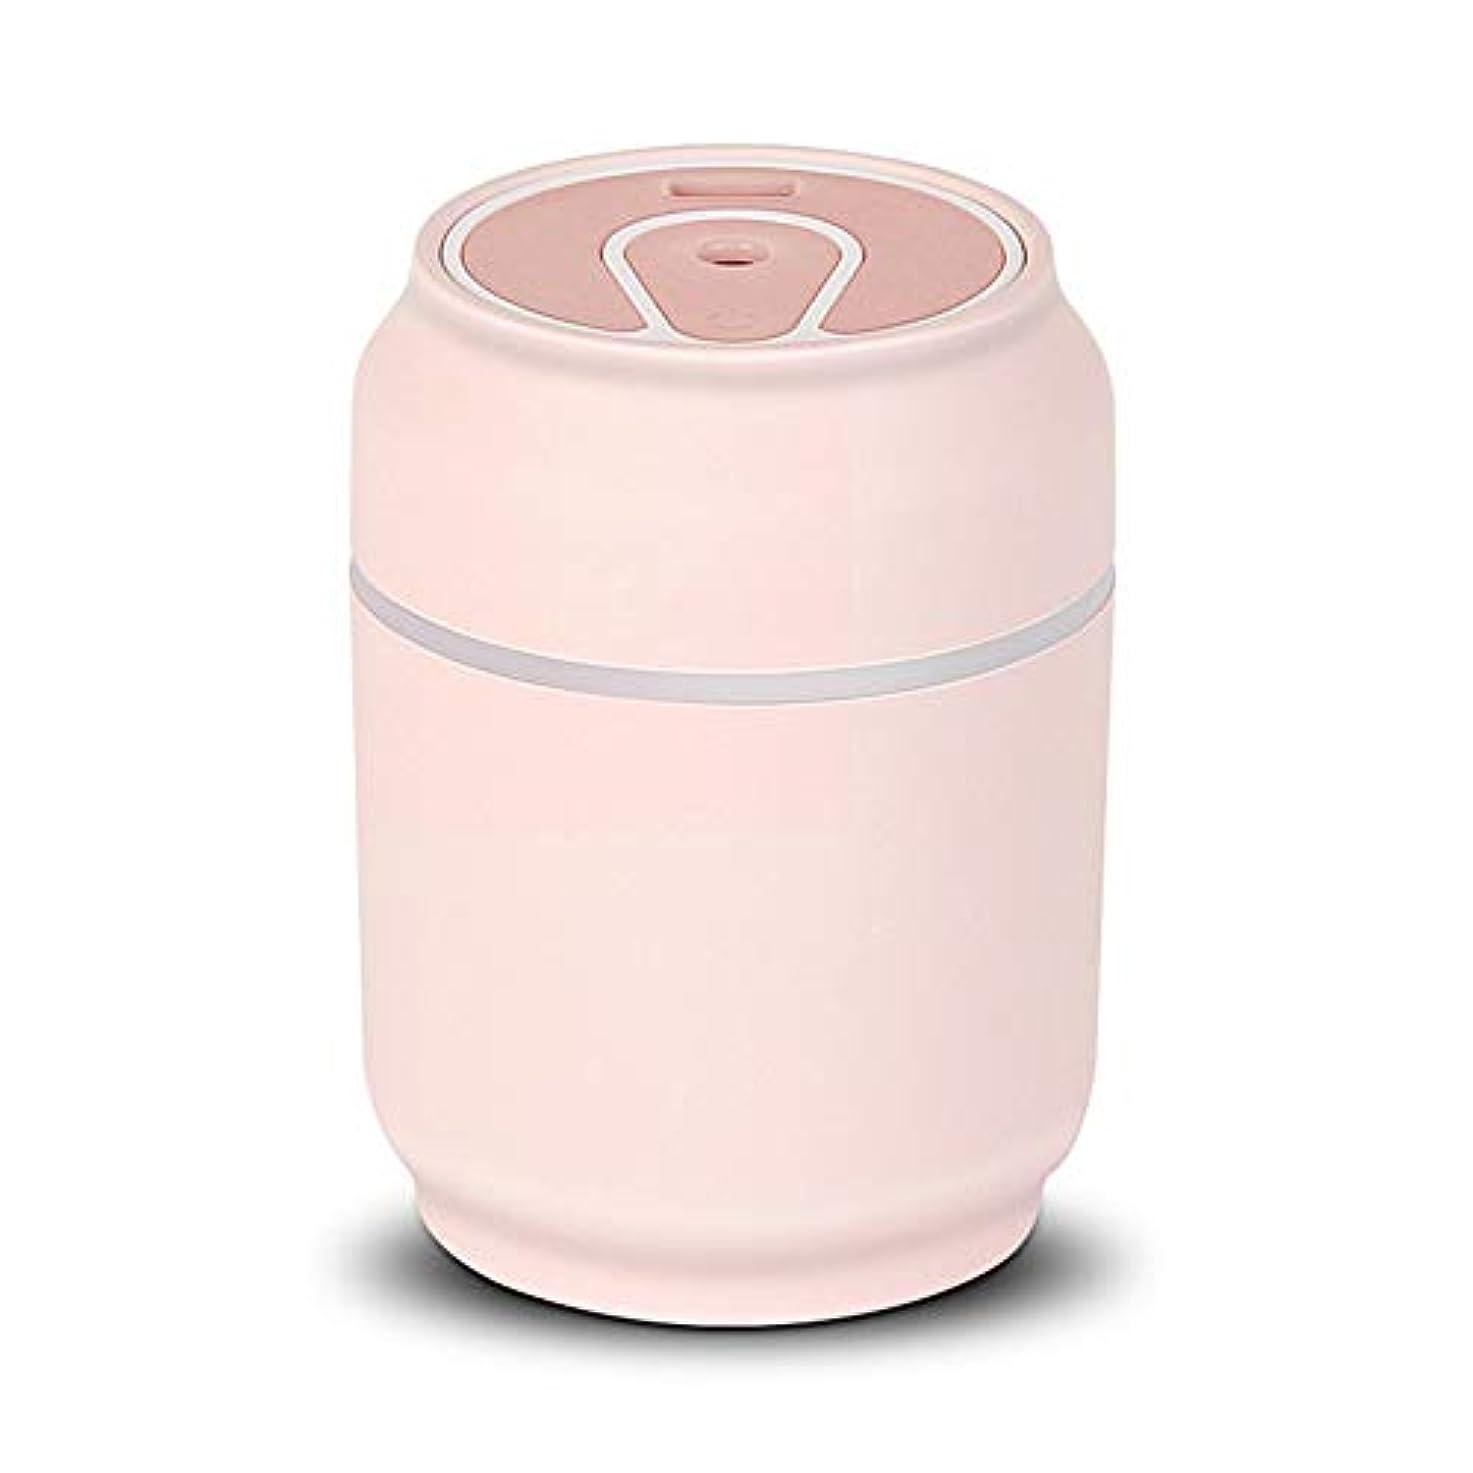 世論調査防衛ミサイルZXF 新しいクリエイティブ缶シェイプUSB充電加湿器ミュート漫画ミニASB素材ナイトライトファン3つ1つの水分補給器具蒸し顔黒緑ピンク黄色 滑らかである (色 : Pink)